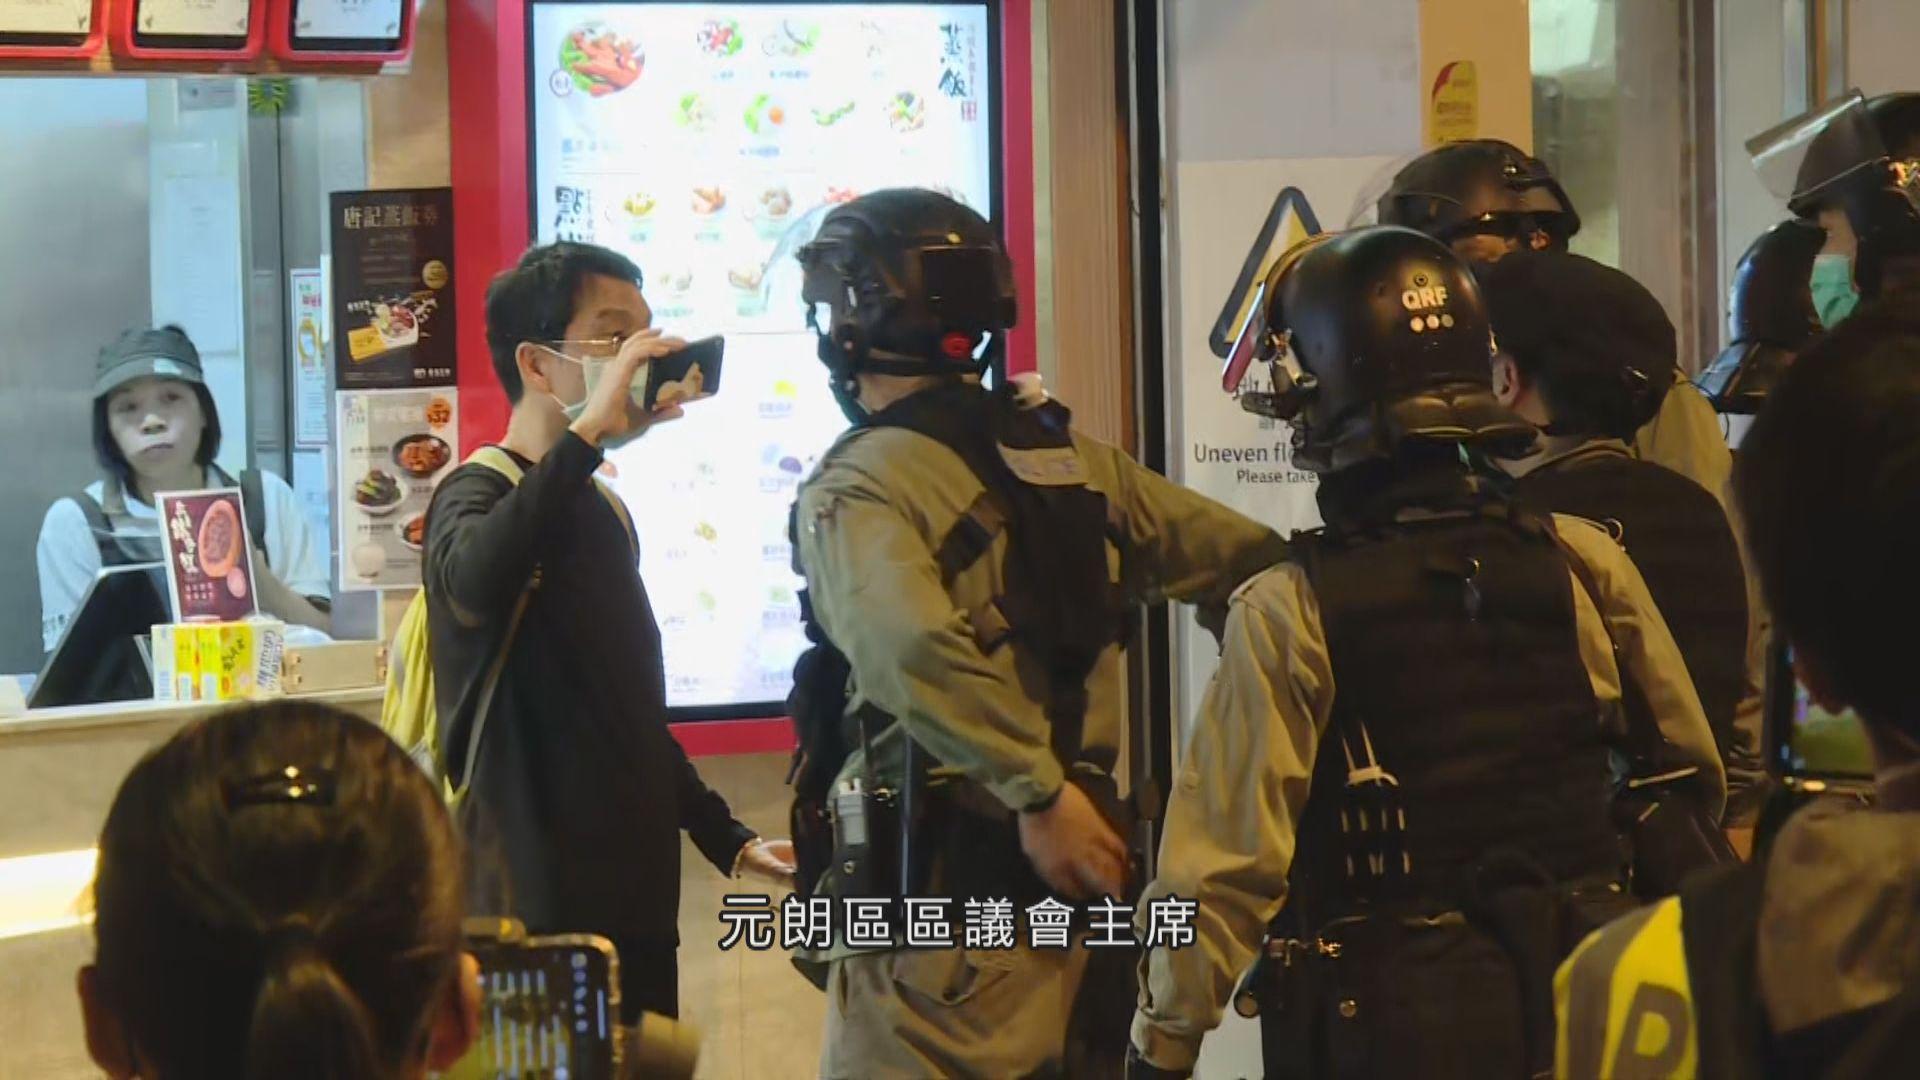 721襲擊事件八個月 黃偉賢涉阻差辦公被捕